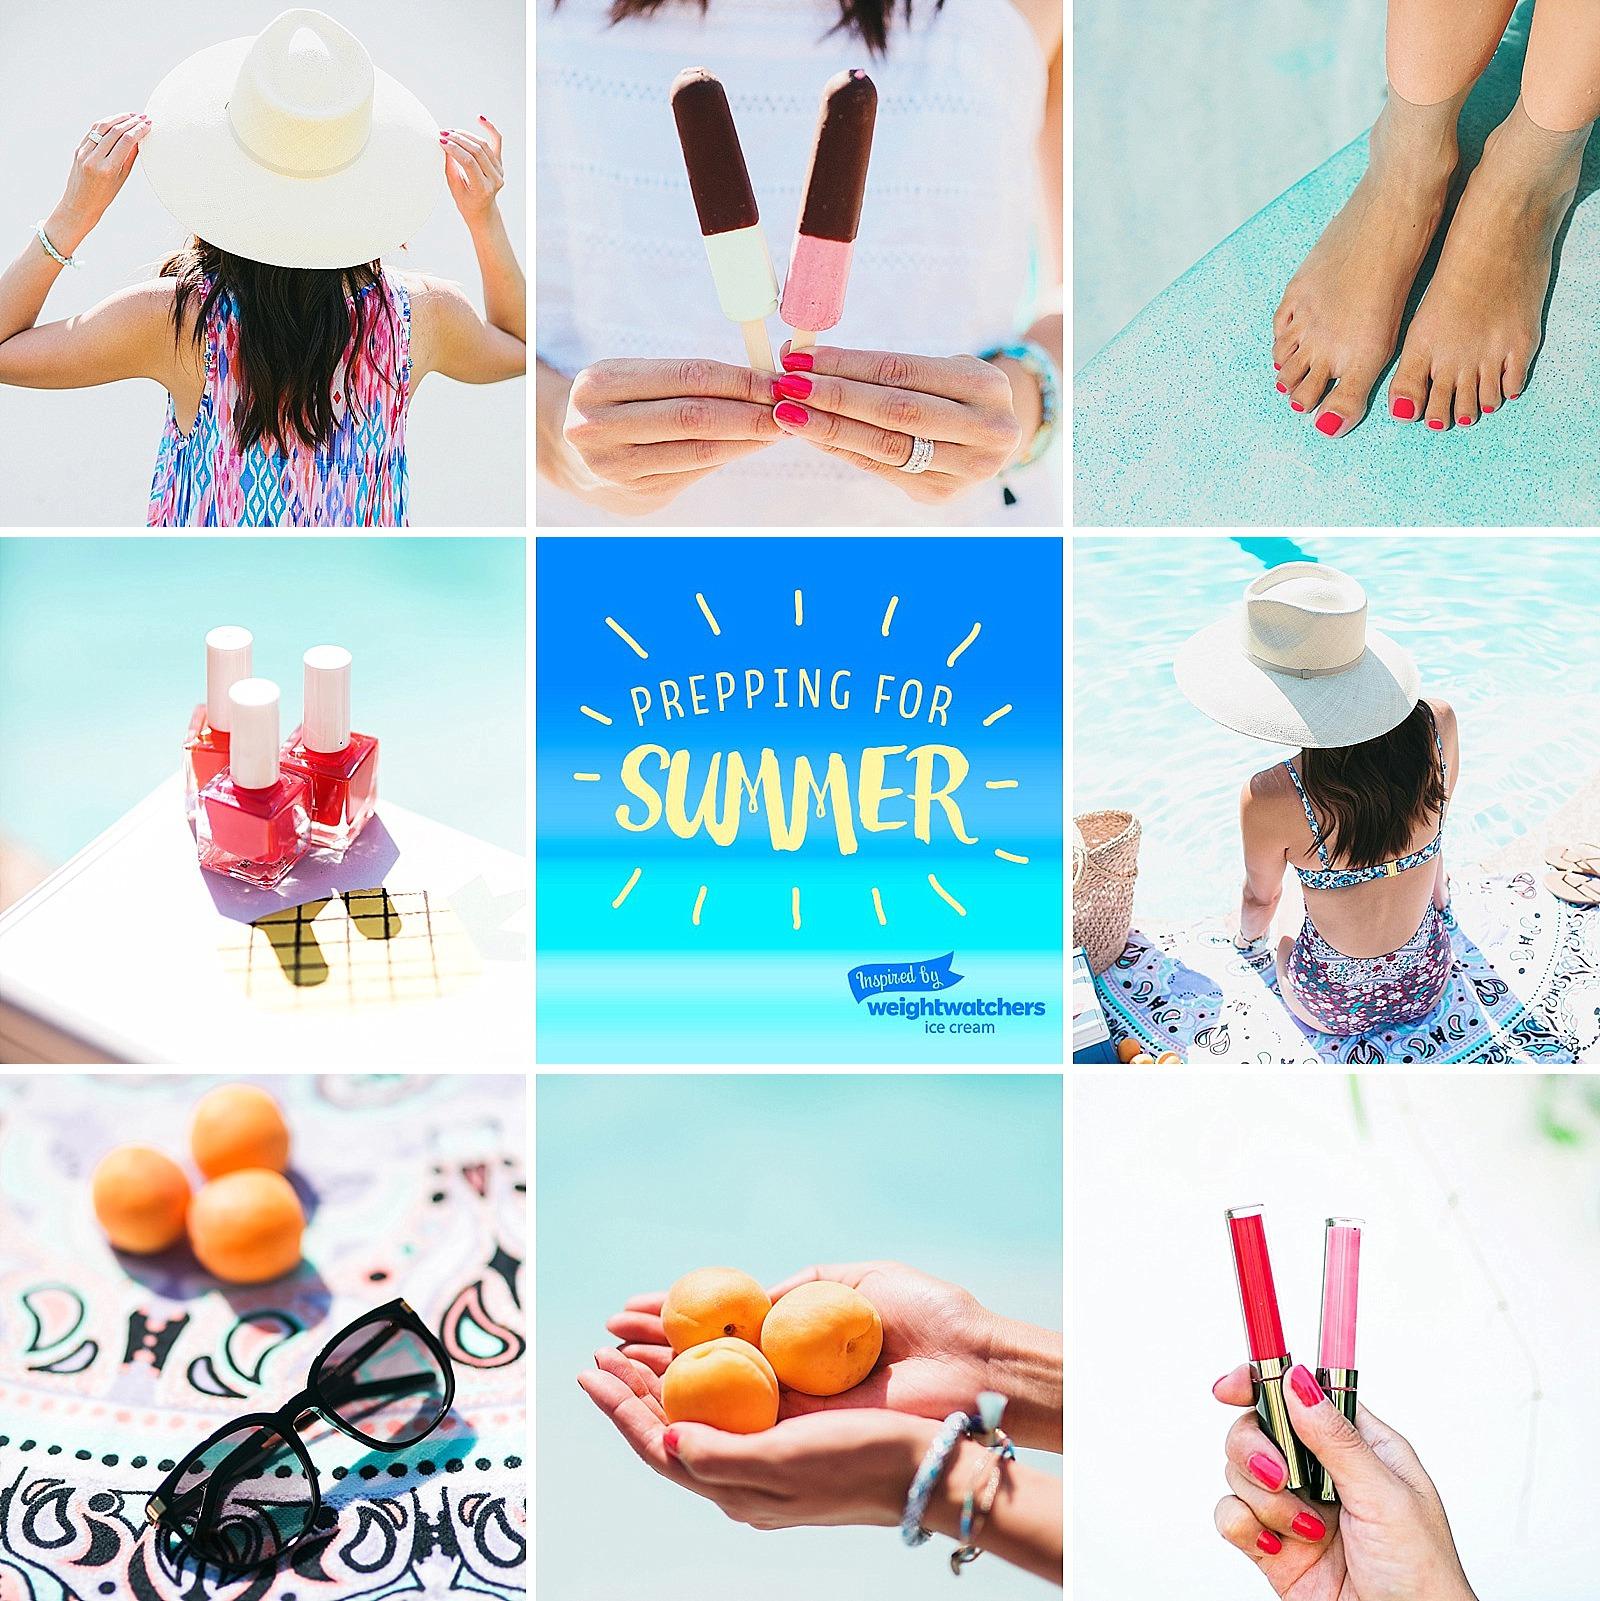 weight-watchers-ice-cream-lifestyle-blogger-diana-elizabeth-blog-arizona-fashion-pool-summer-time_0090